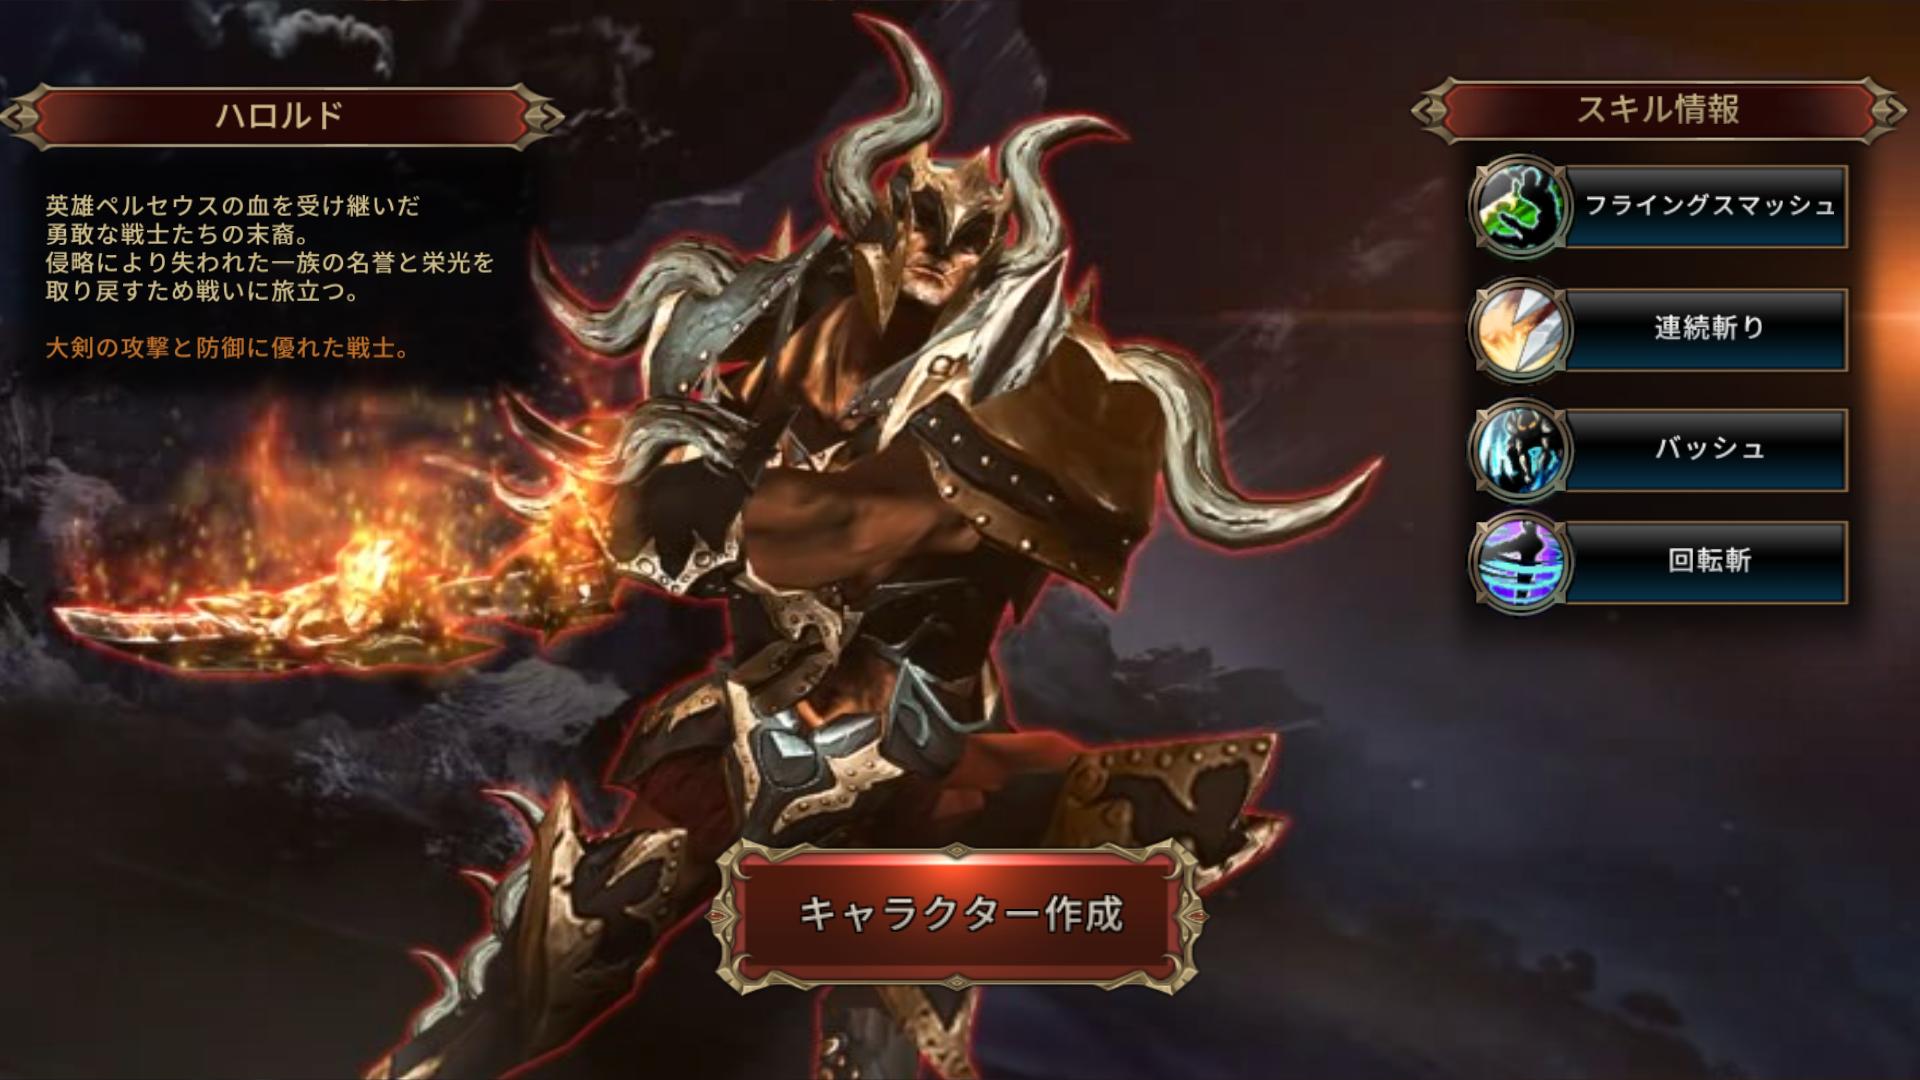 androidアプリ インフィニティストーン(Infinity Stone)攻略スクリーンショット2